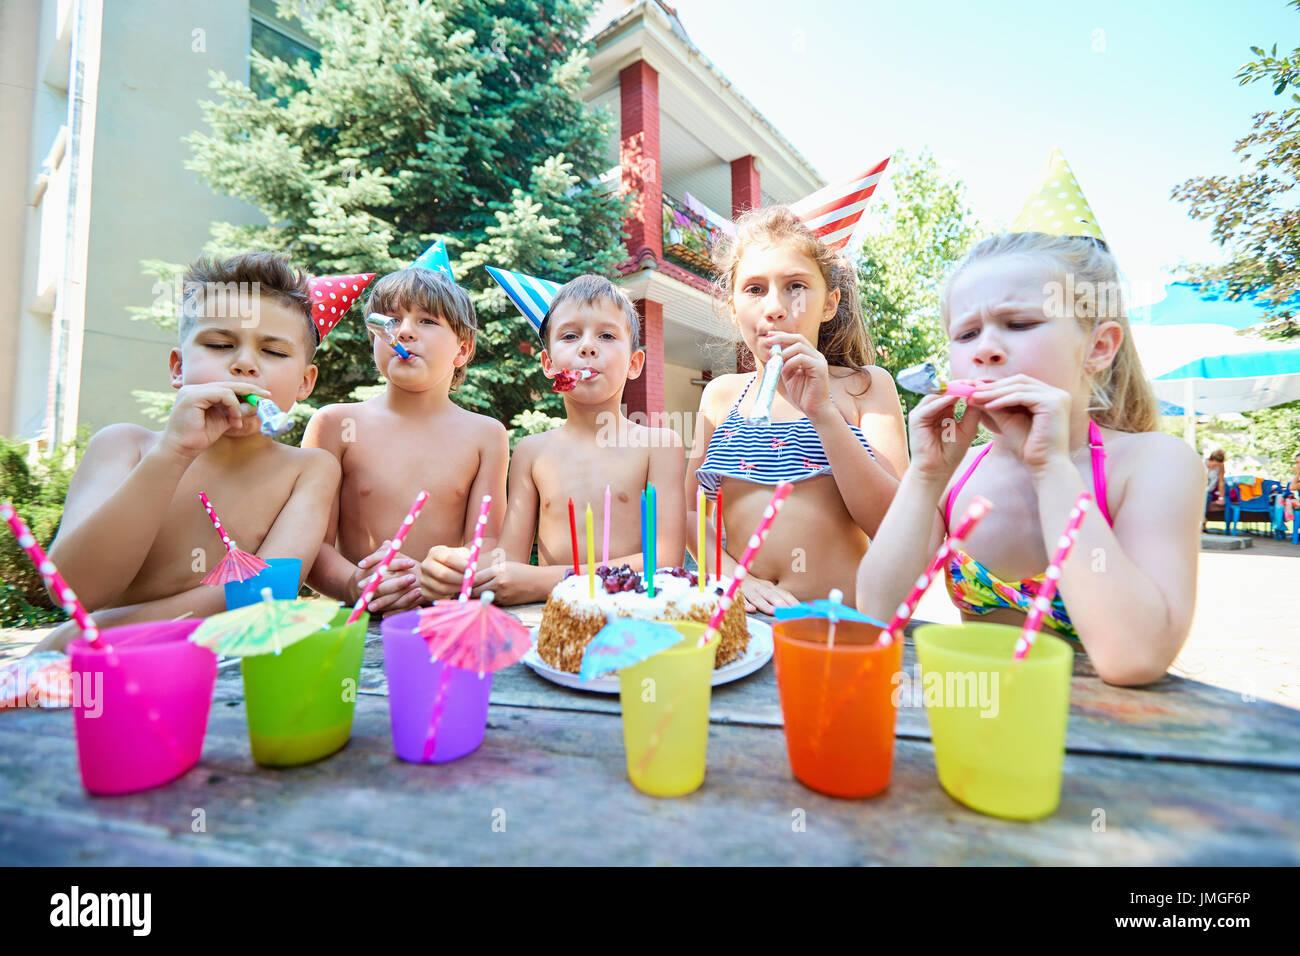 Cumpleaños con niños en sombreros en el verano Imagen De Stock